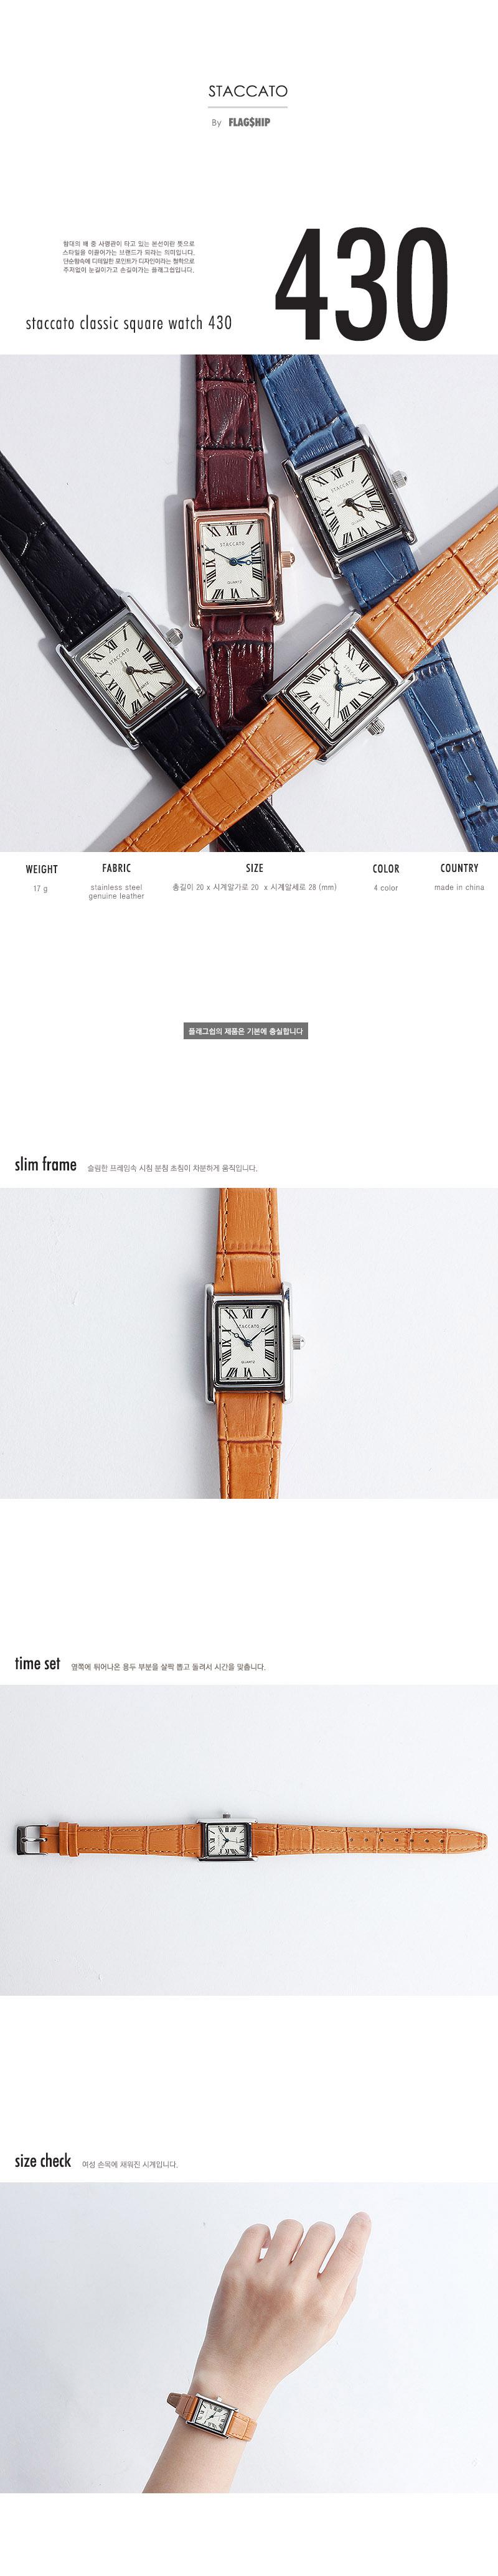 [플래그쉽] 클레식 스퀘어 손목시계 430 [5컬러] (FLAGSHIP classic square watch 430)